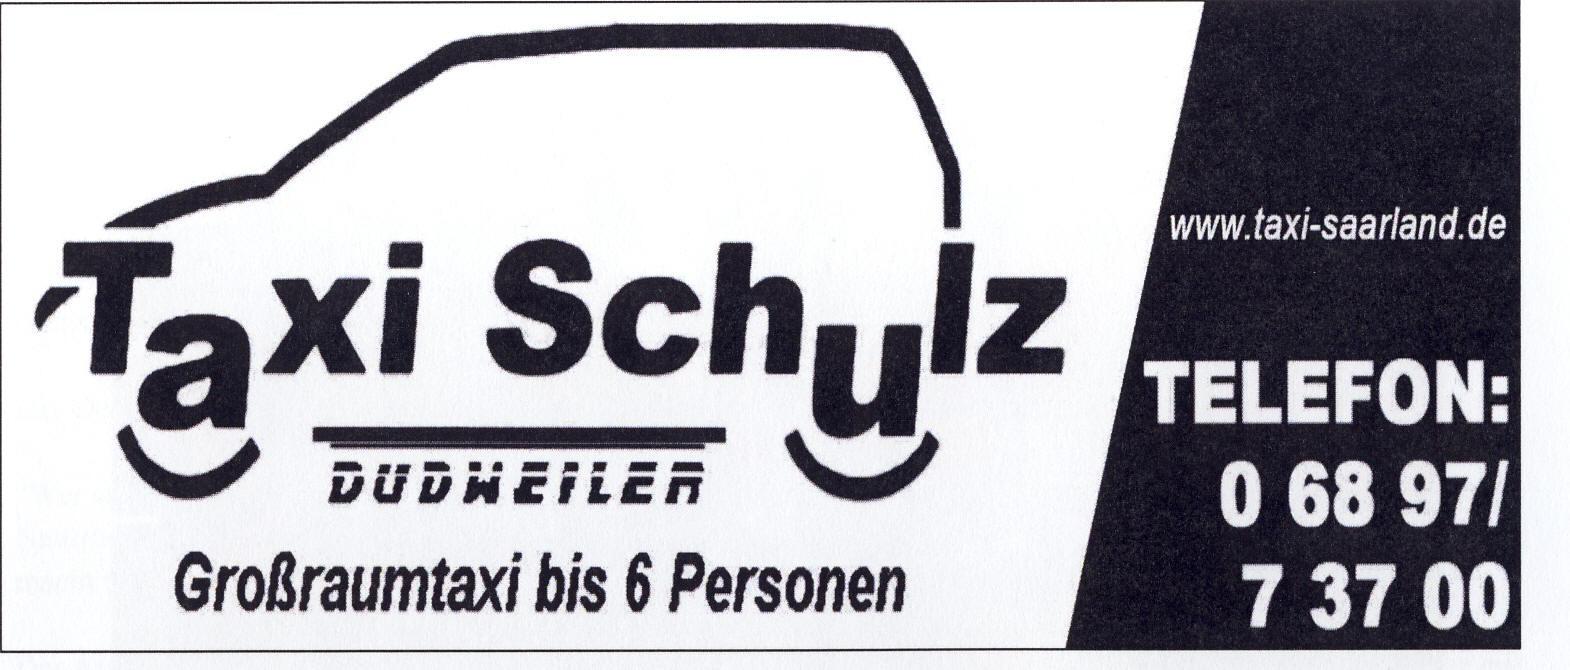 logo-taxi-schulz